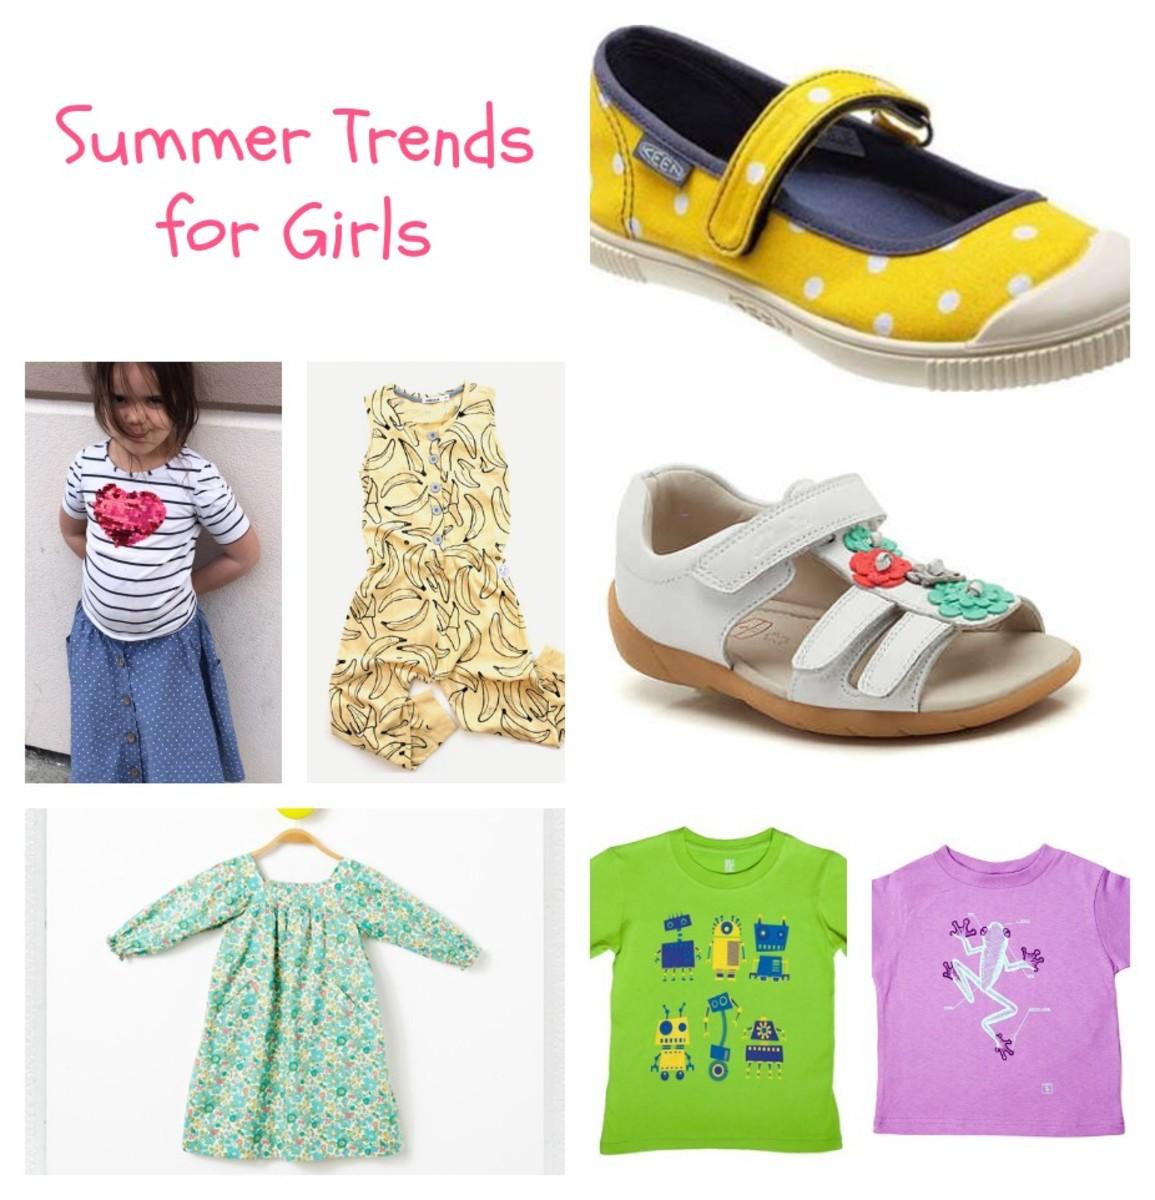 Summer Trends for Girls